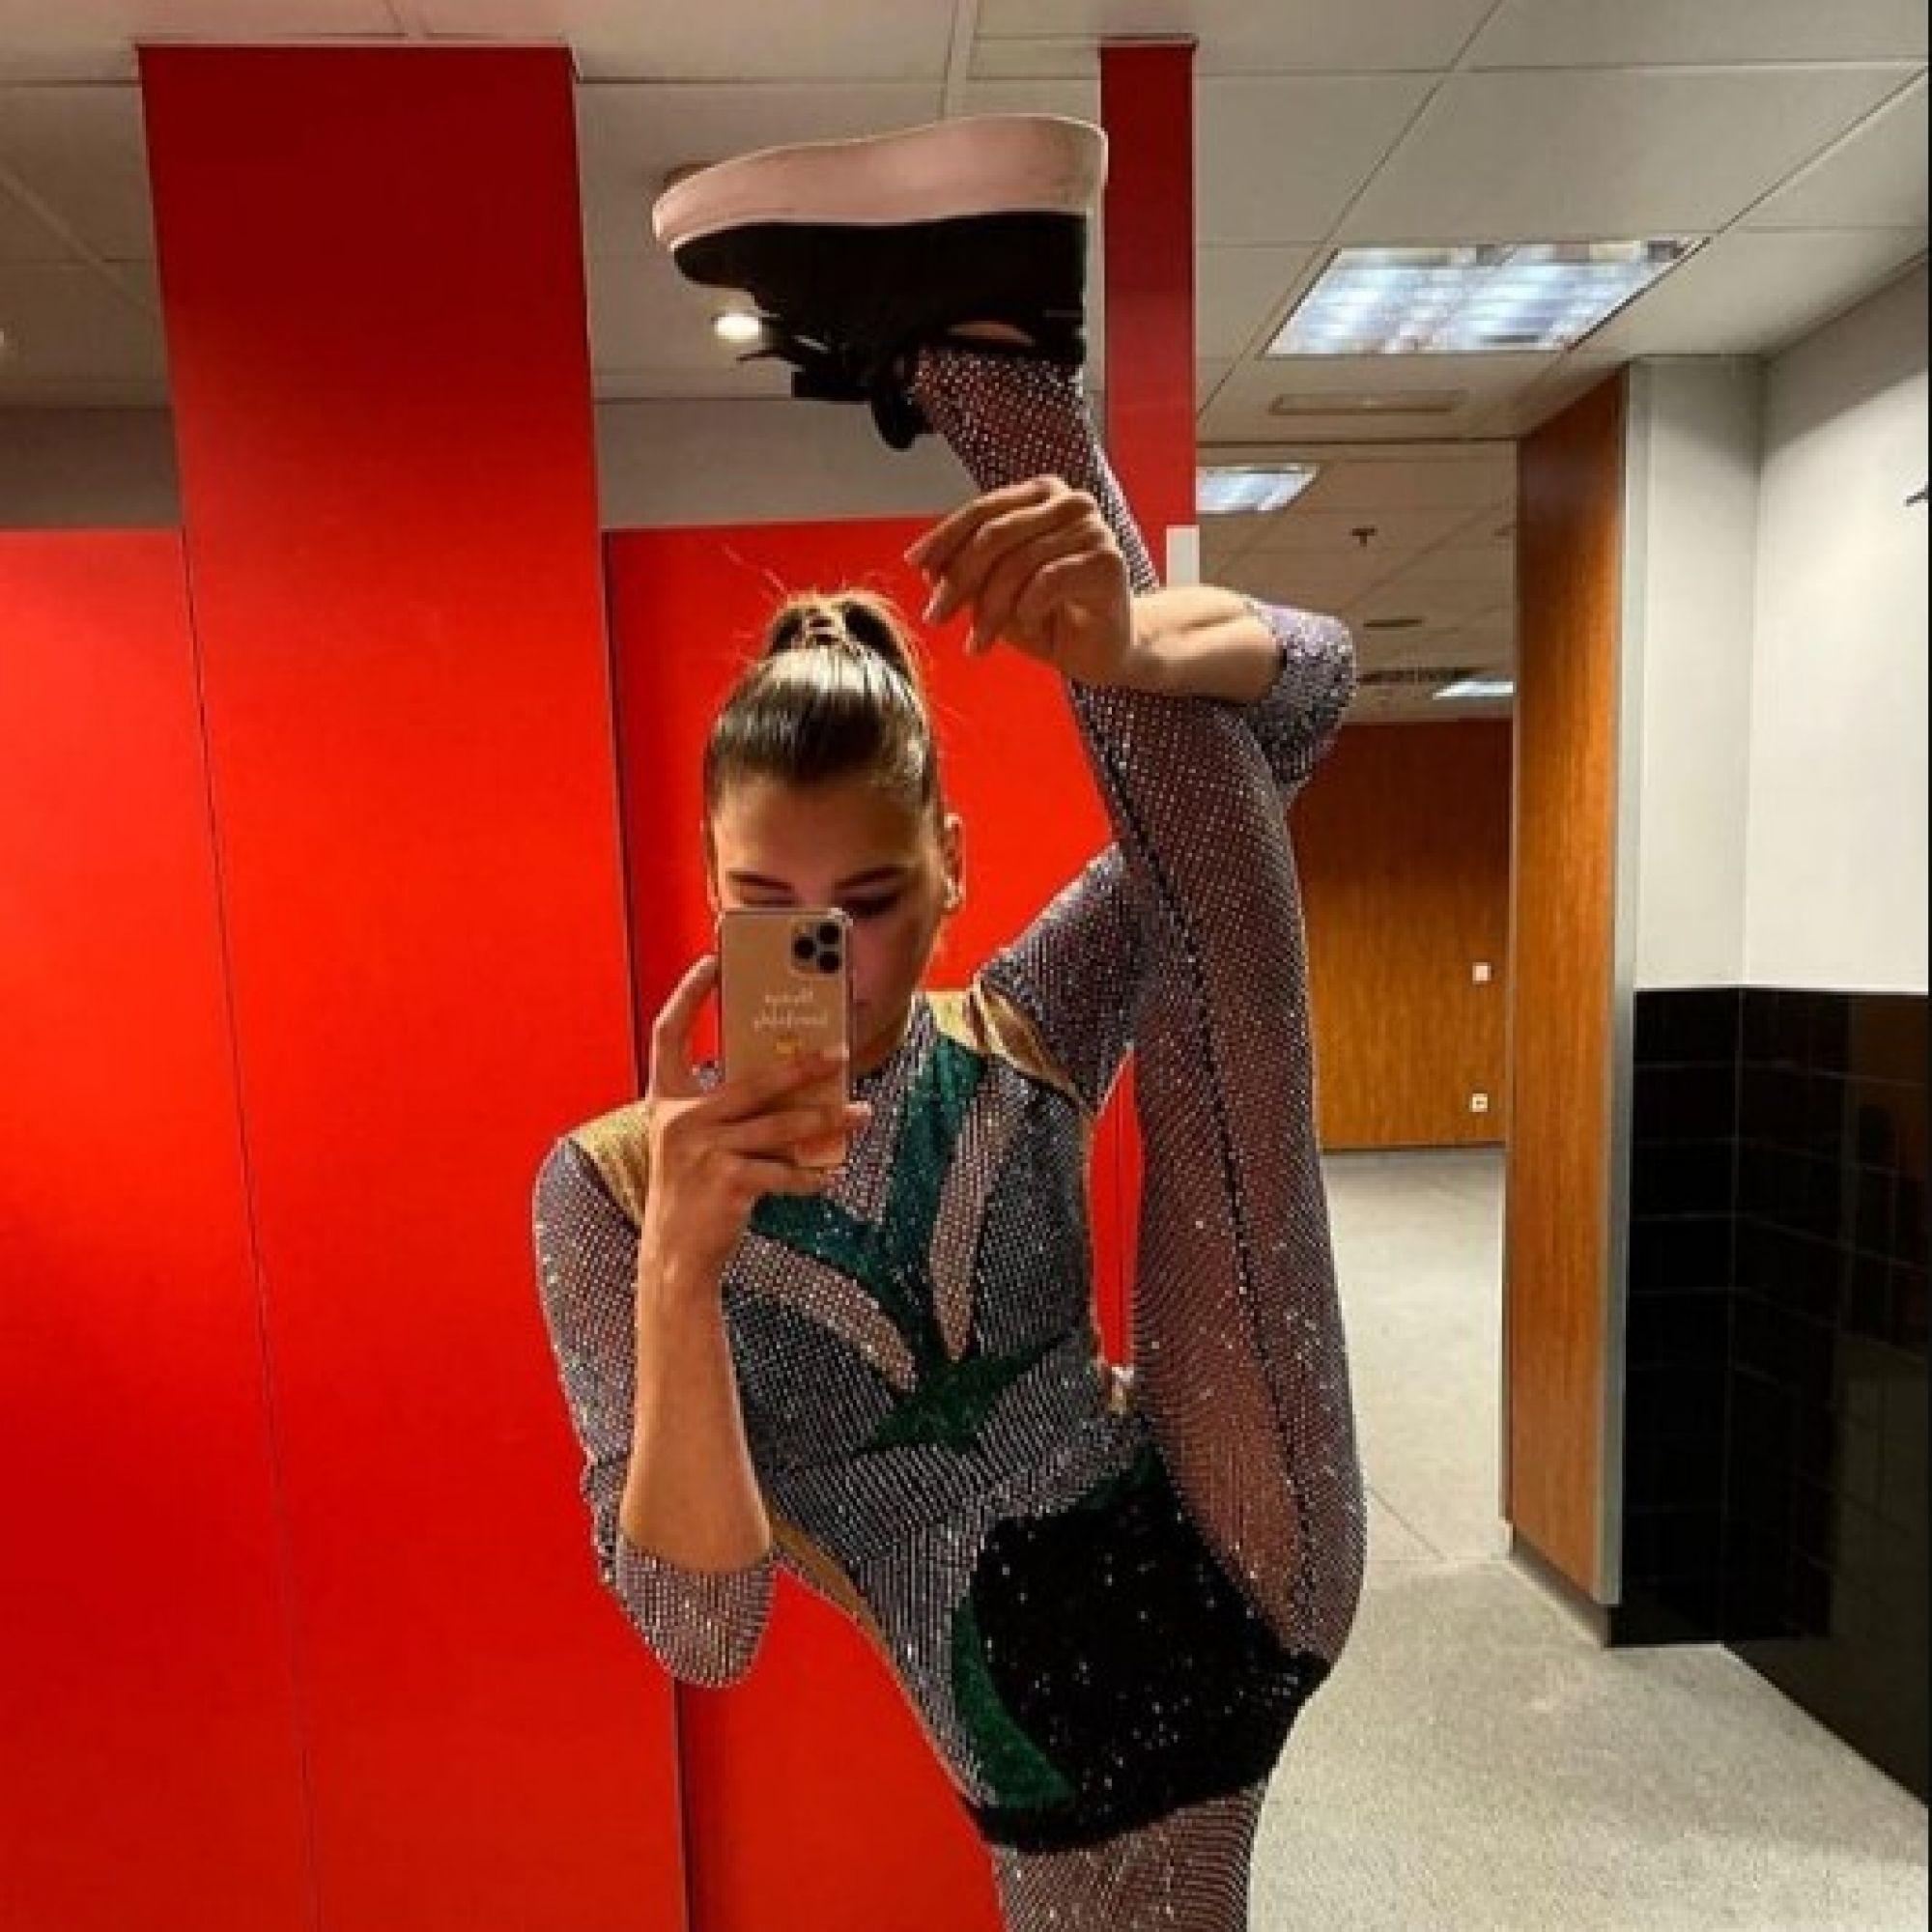 Успешная российская гимнастка Александра Солдатова совершила попытку самоубийства